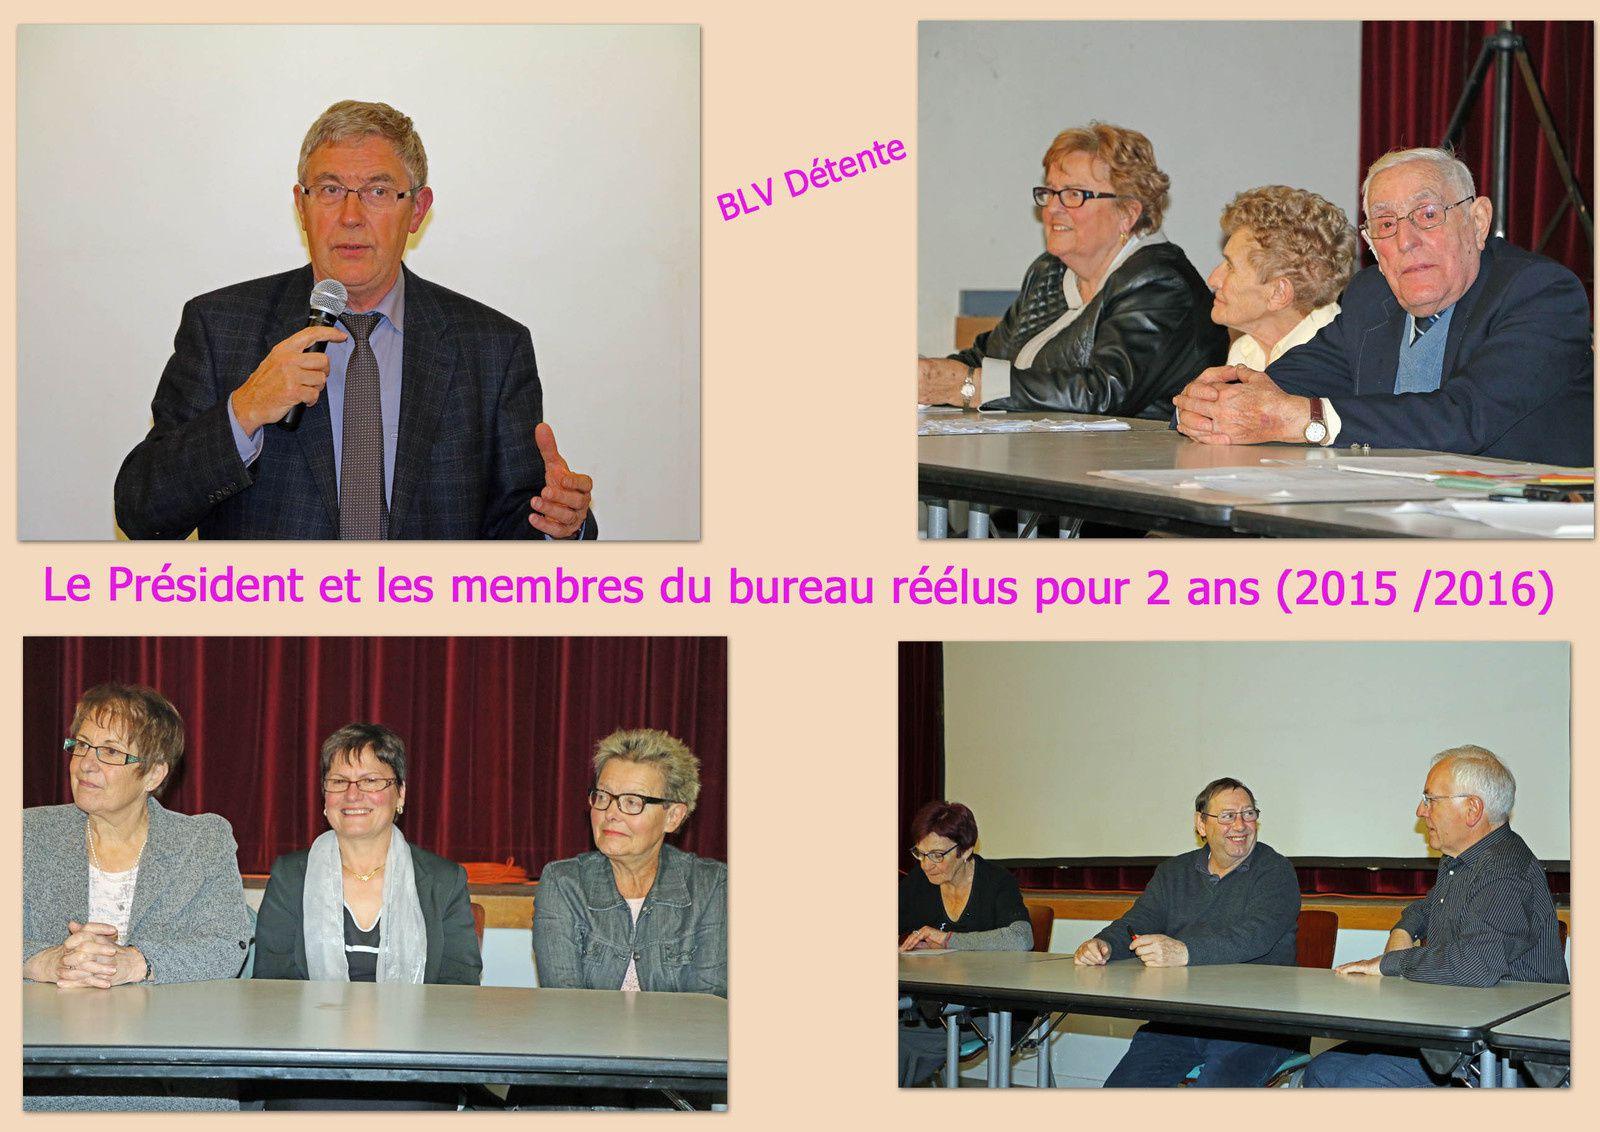 Samedi 6 Décembre 2014 : AG de l'association &quot&#x3B;BLV Détente&quot&#x3B;